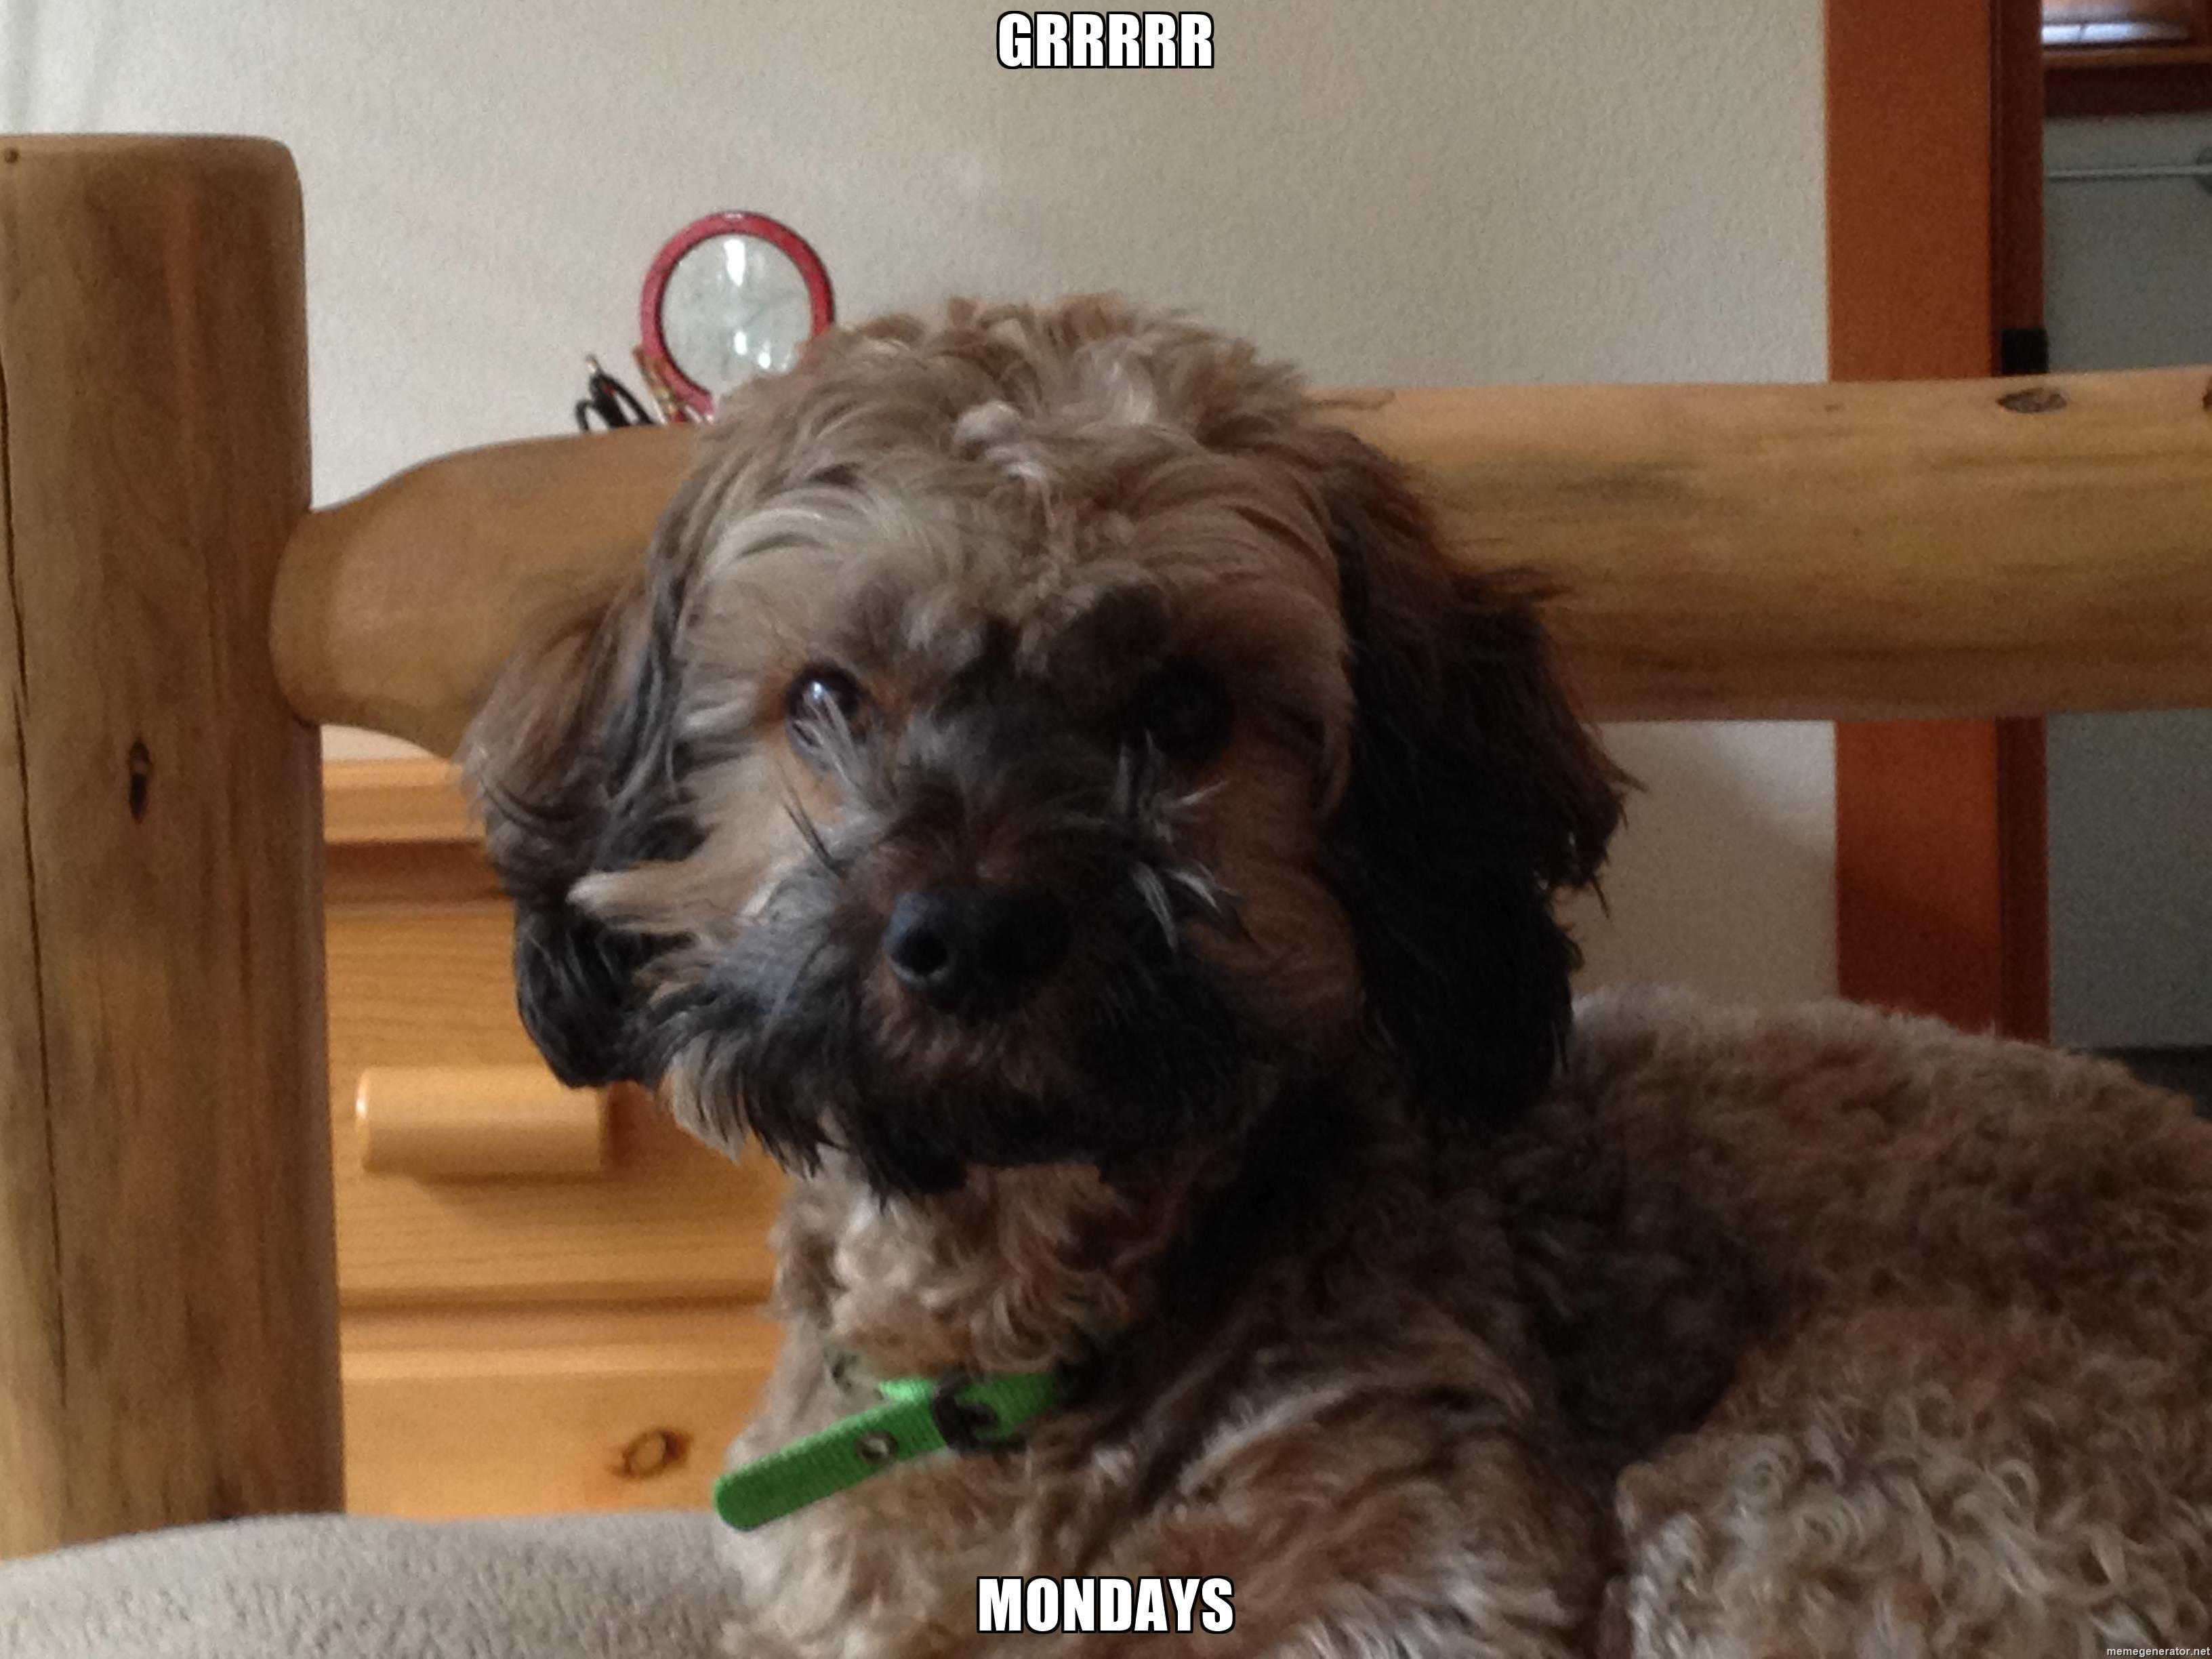 Grrrrr mondays mondaypoodle pup poodle dogs